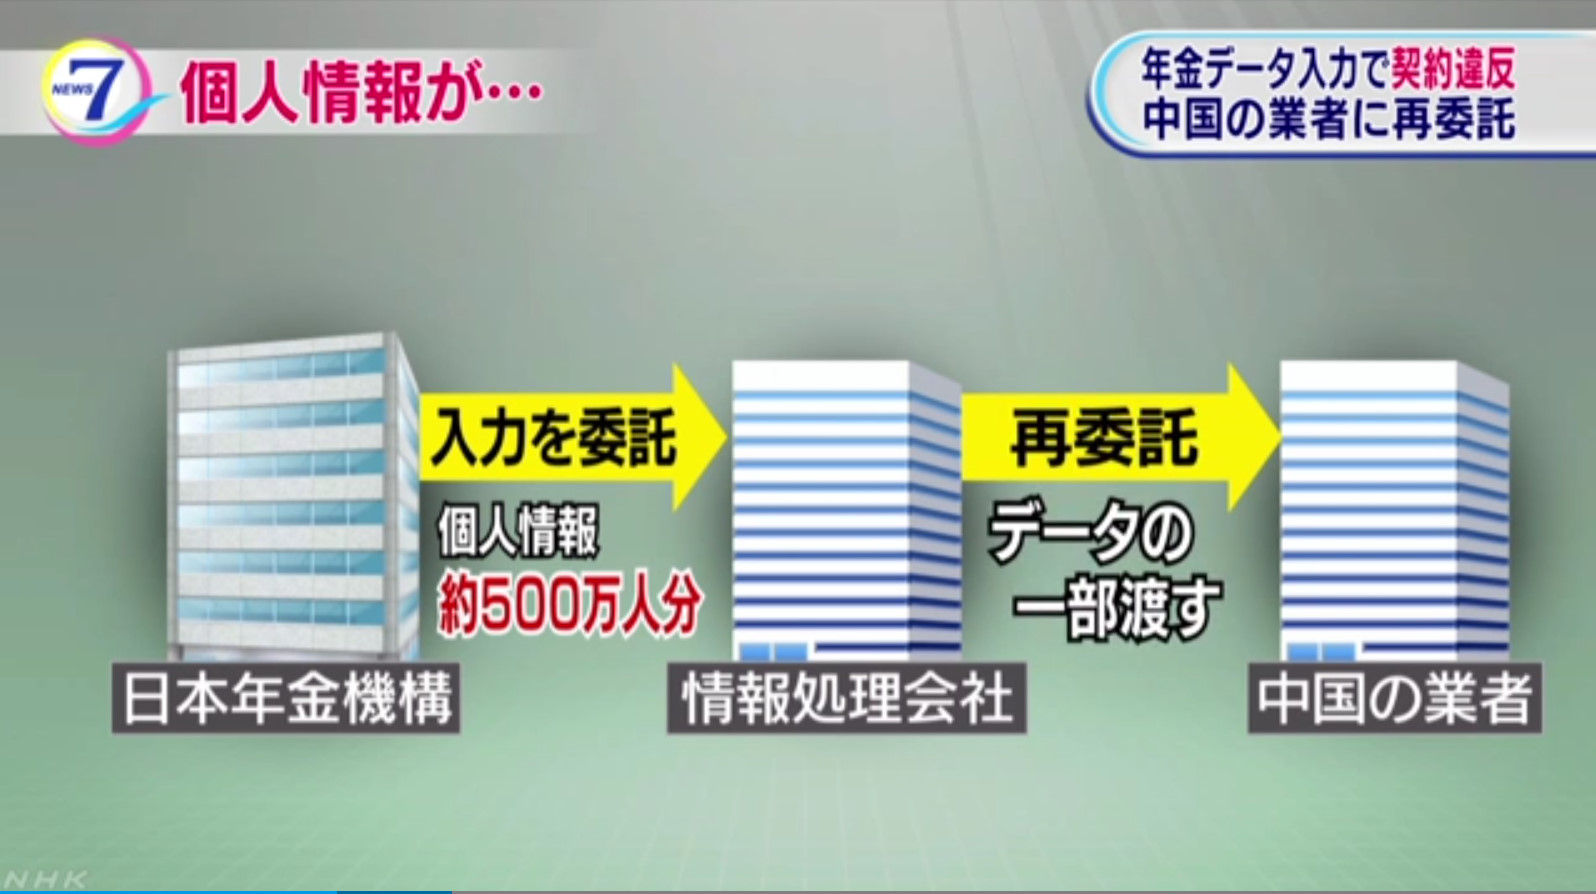 http://livedoor.blogimg.jp/gensen_2ch/imgs/0/2/0280b46f.jpg